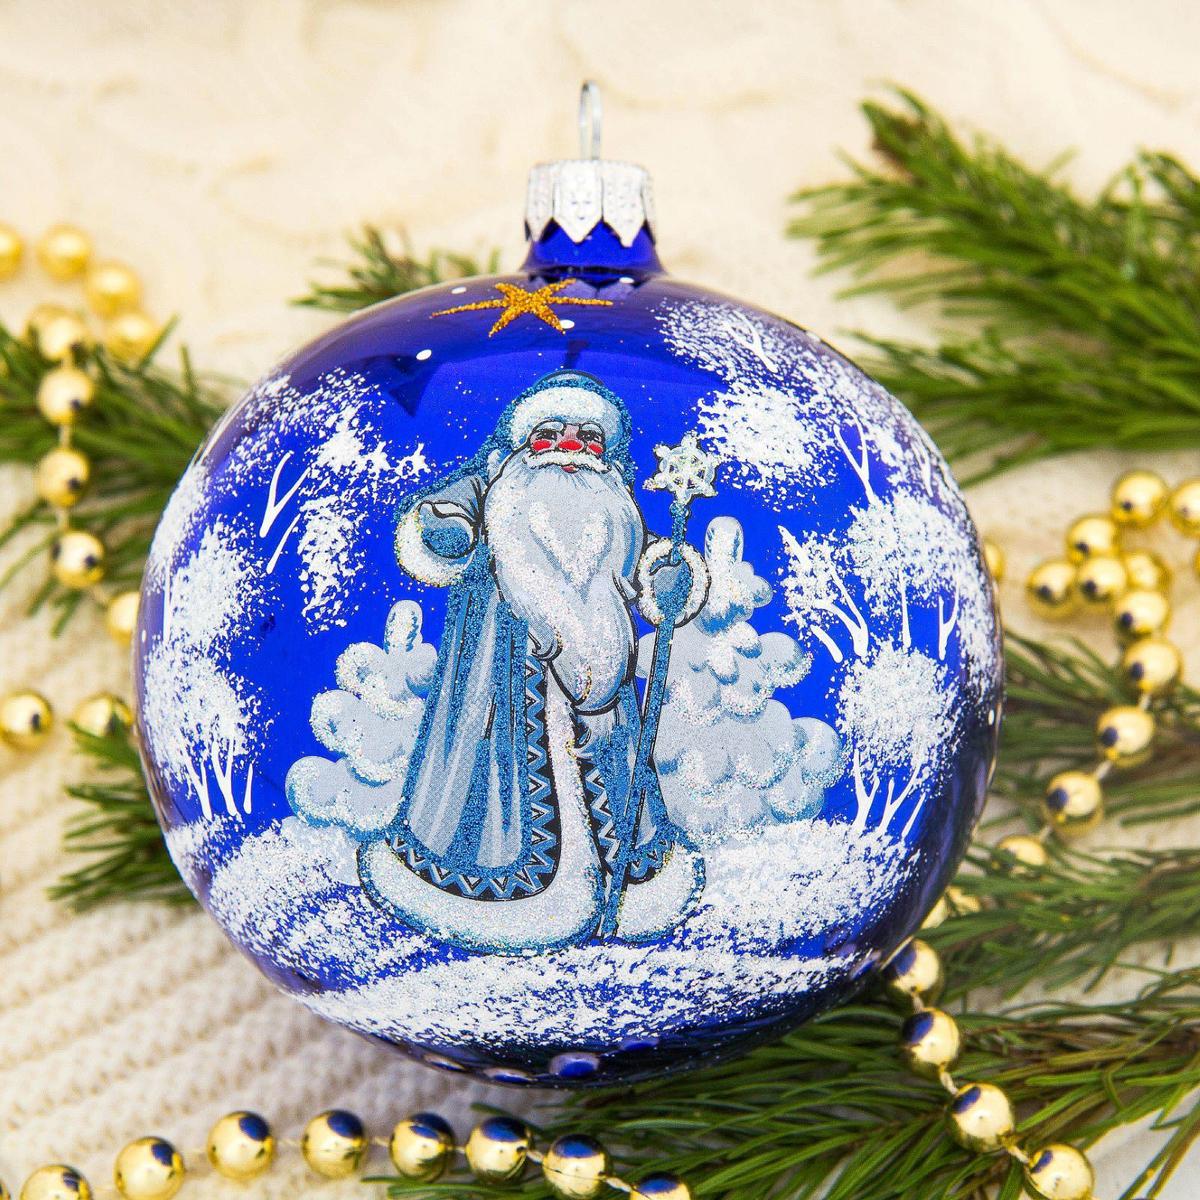 Украшение новогоднее елочное Ёлочка Дед Мороз, диаметр 9,5 см1721466Невозможно представить нашу жизнь без праздников! Мы всегда ждём их и предвкушаем, обдумываем, как проведём памятный день, тщательно выбираем подарки и аксессуары, ведь именно они создают и поддерживают торжественный настрой.